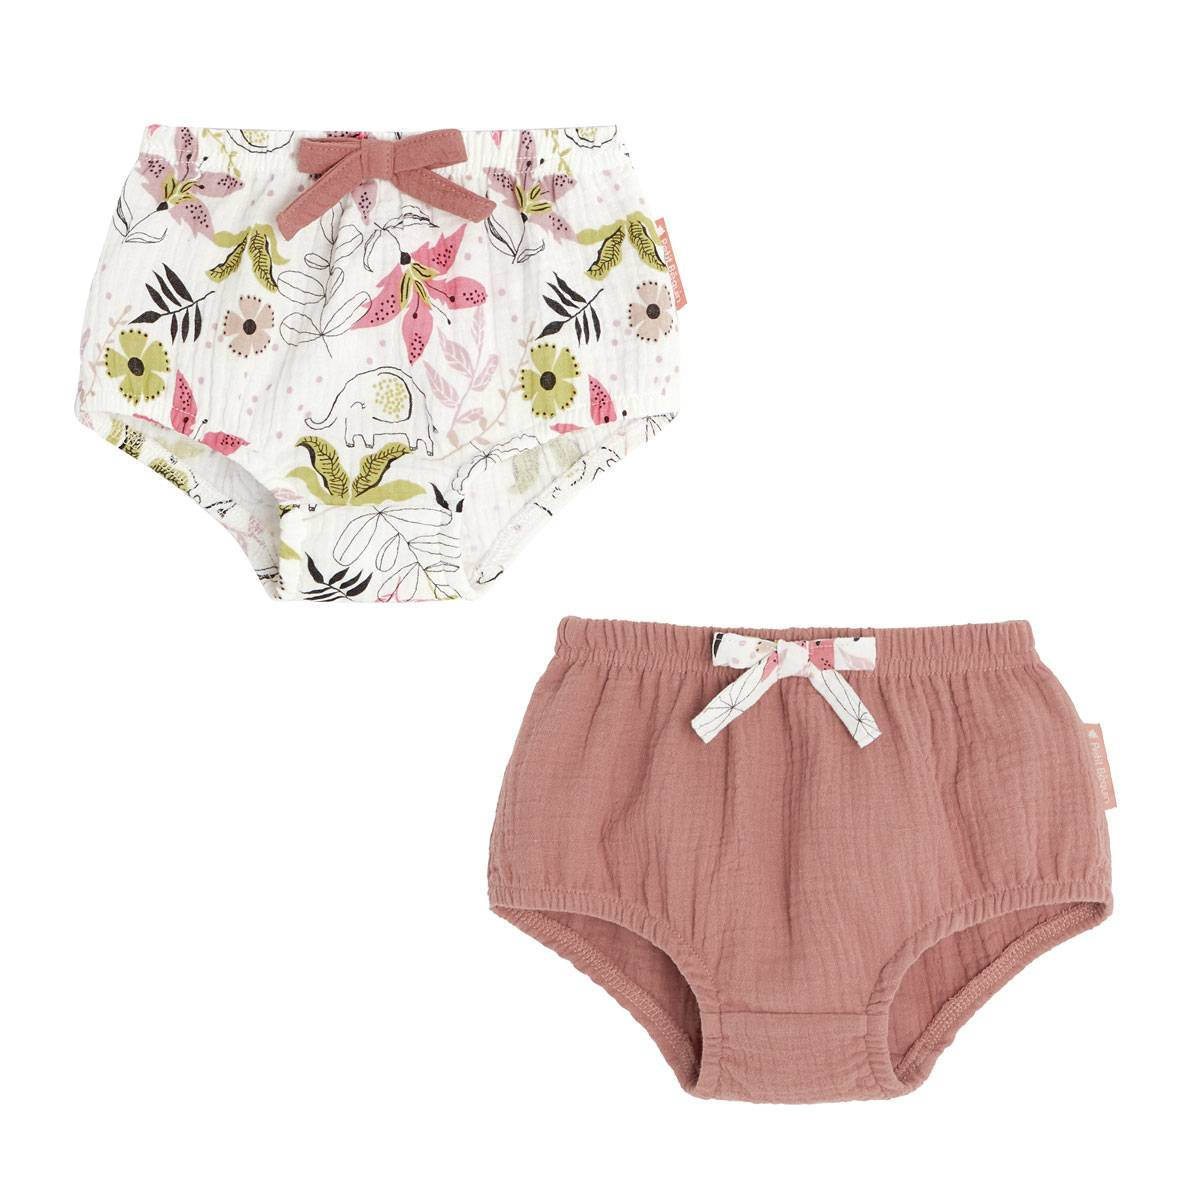 Petit Béguin Lot de 2 culottes bébé fille Singapour - Taille - 36 mois